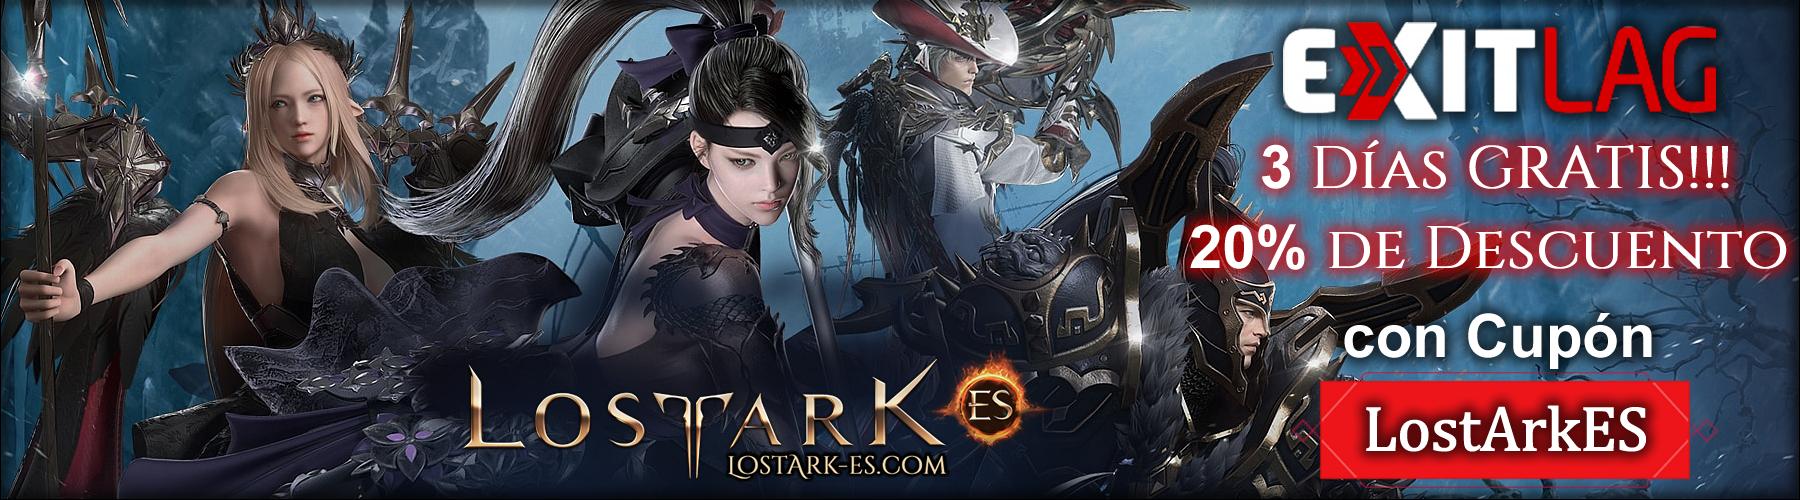 Lost Ark ES Cupon Exitlag Descuento